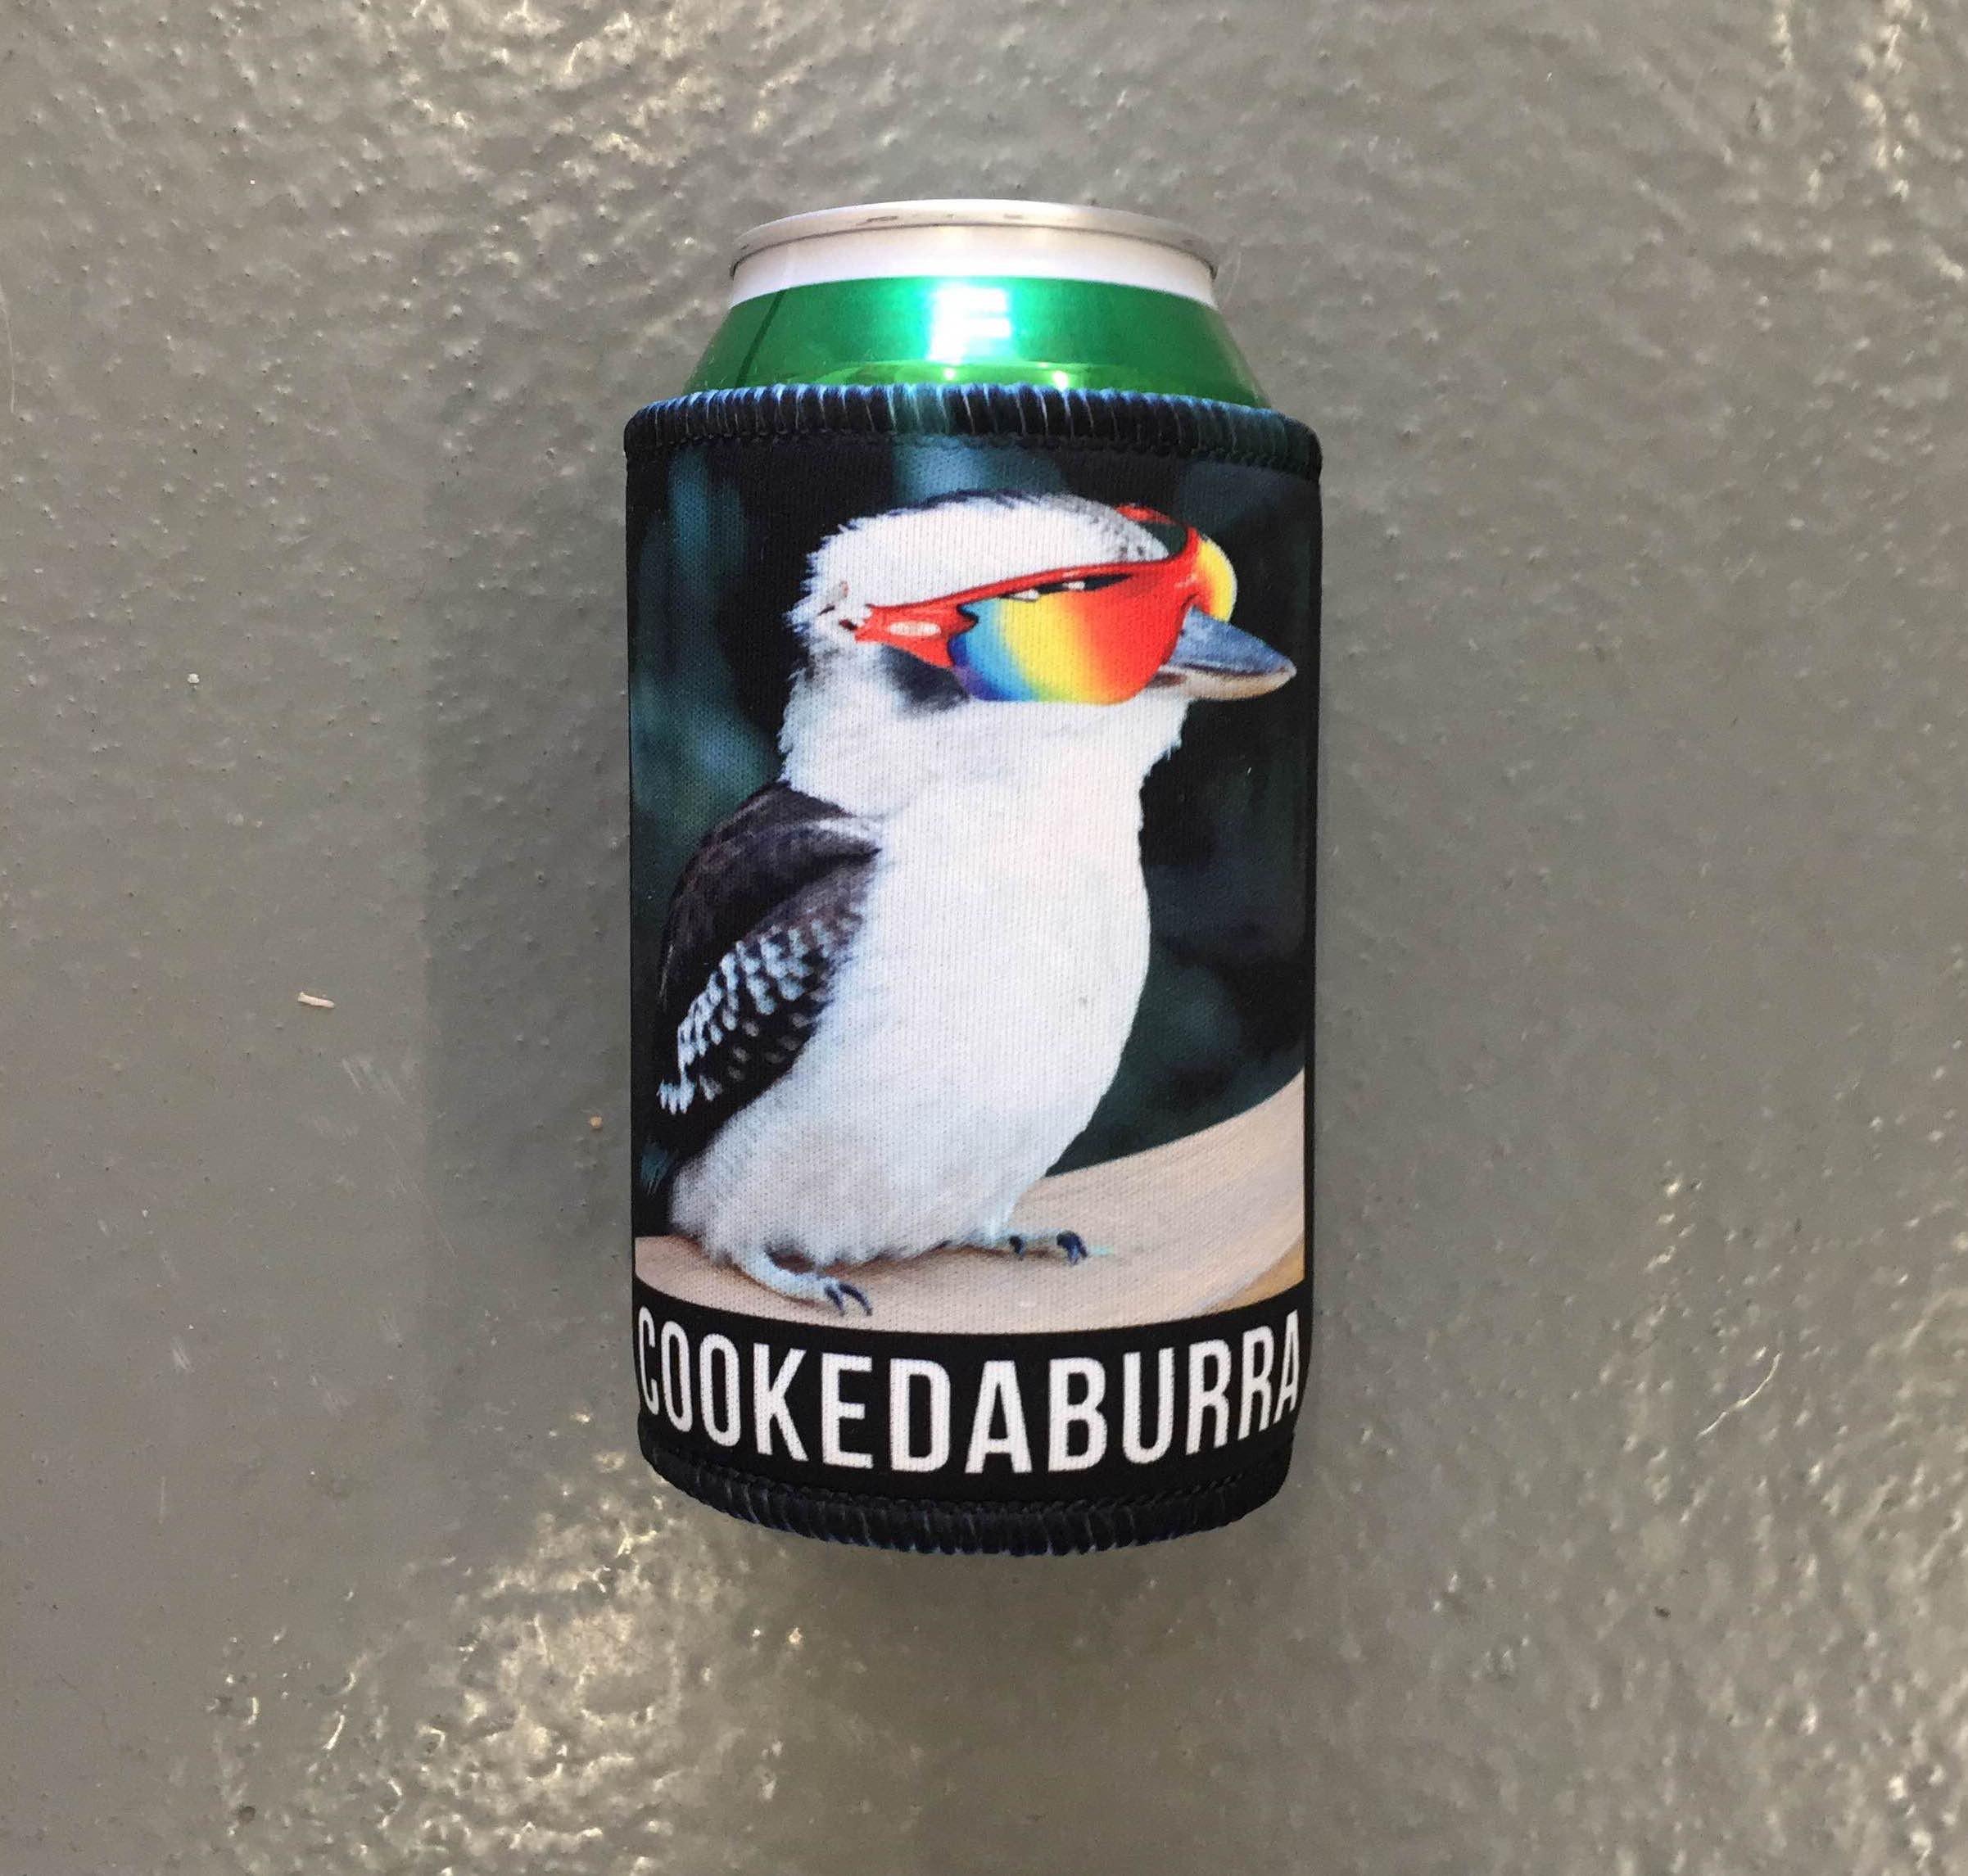 COOKEDABURRA STUBBY HOLDER